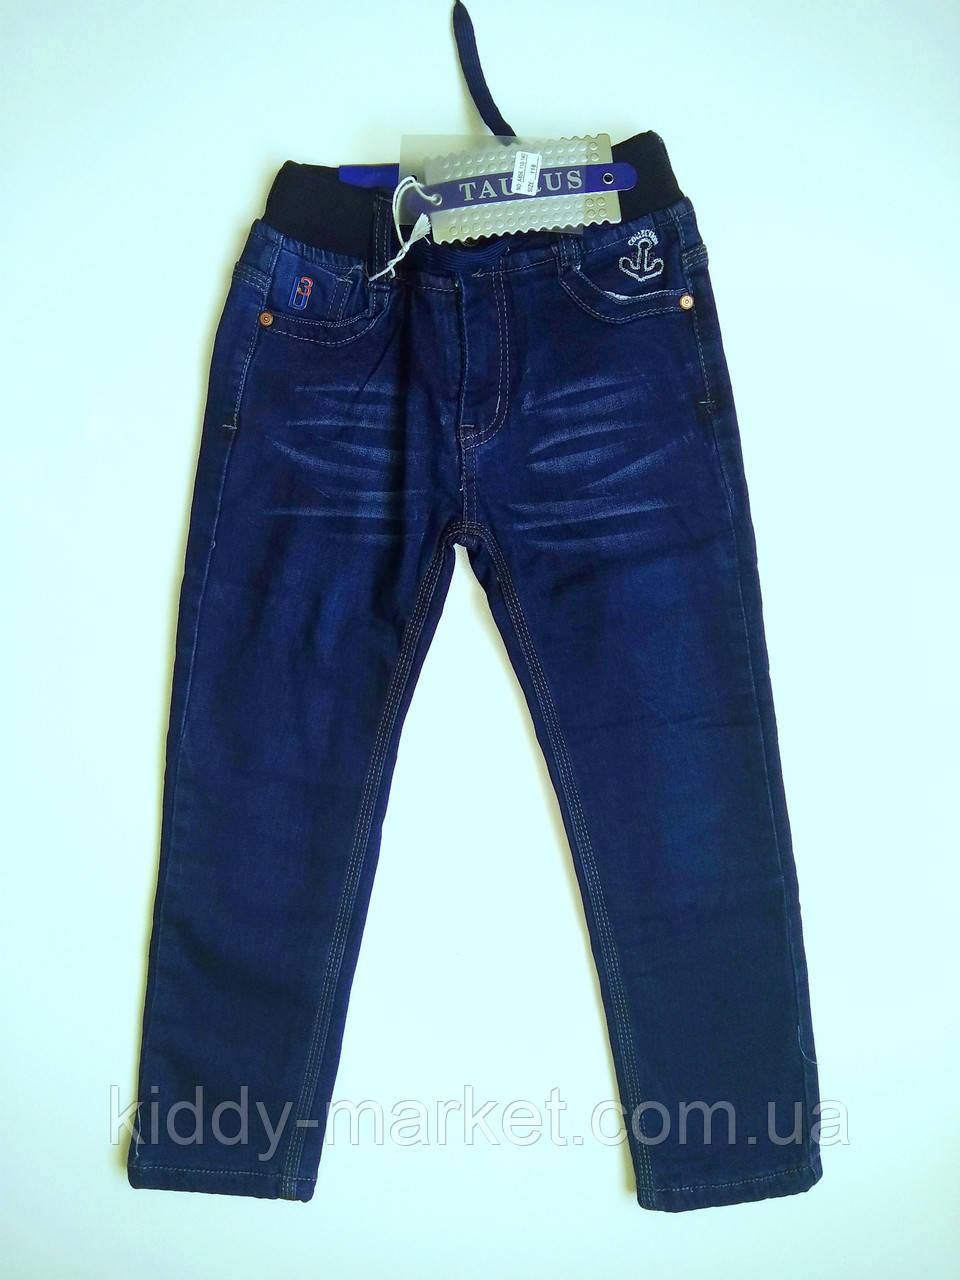 Джинсы на флисе для мальчика,фирма Taurus.Венгрия, джинсы утепленные